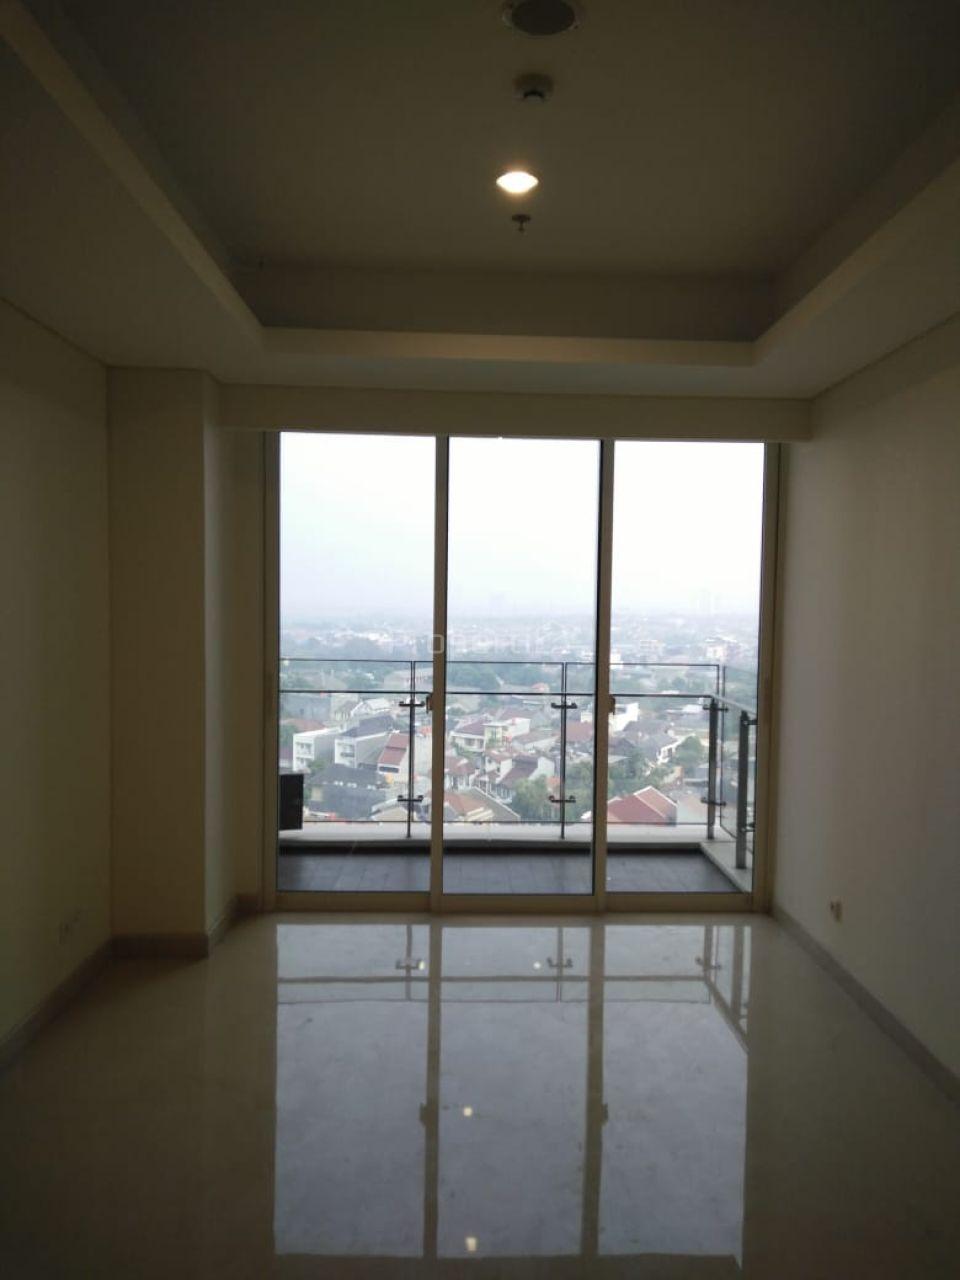 Unit 1BR Maya Tower Pondok Indah Residences, Lantai 16, DKI Jakarta